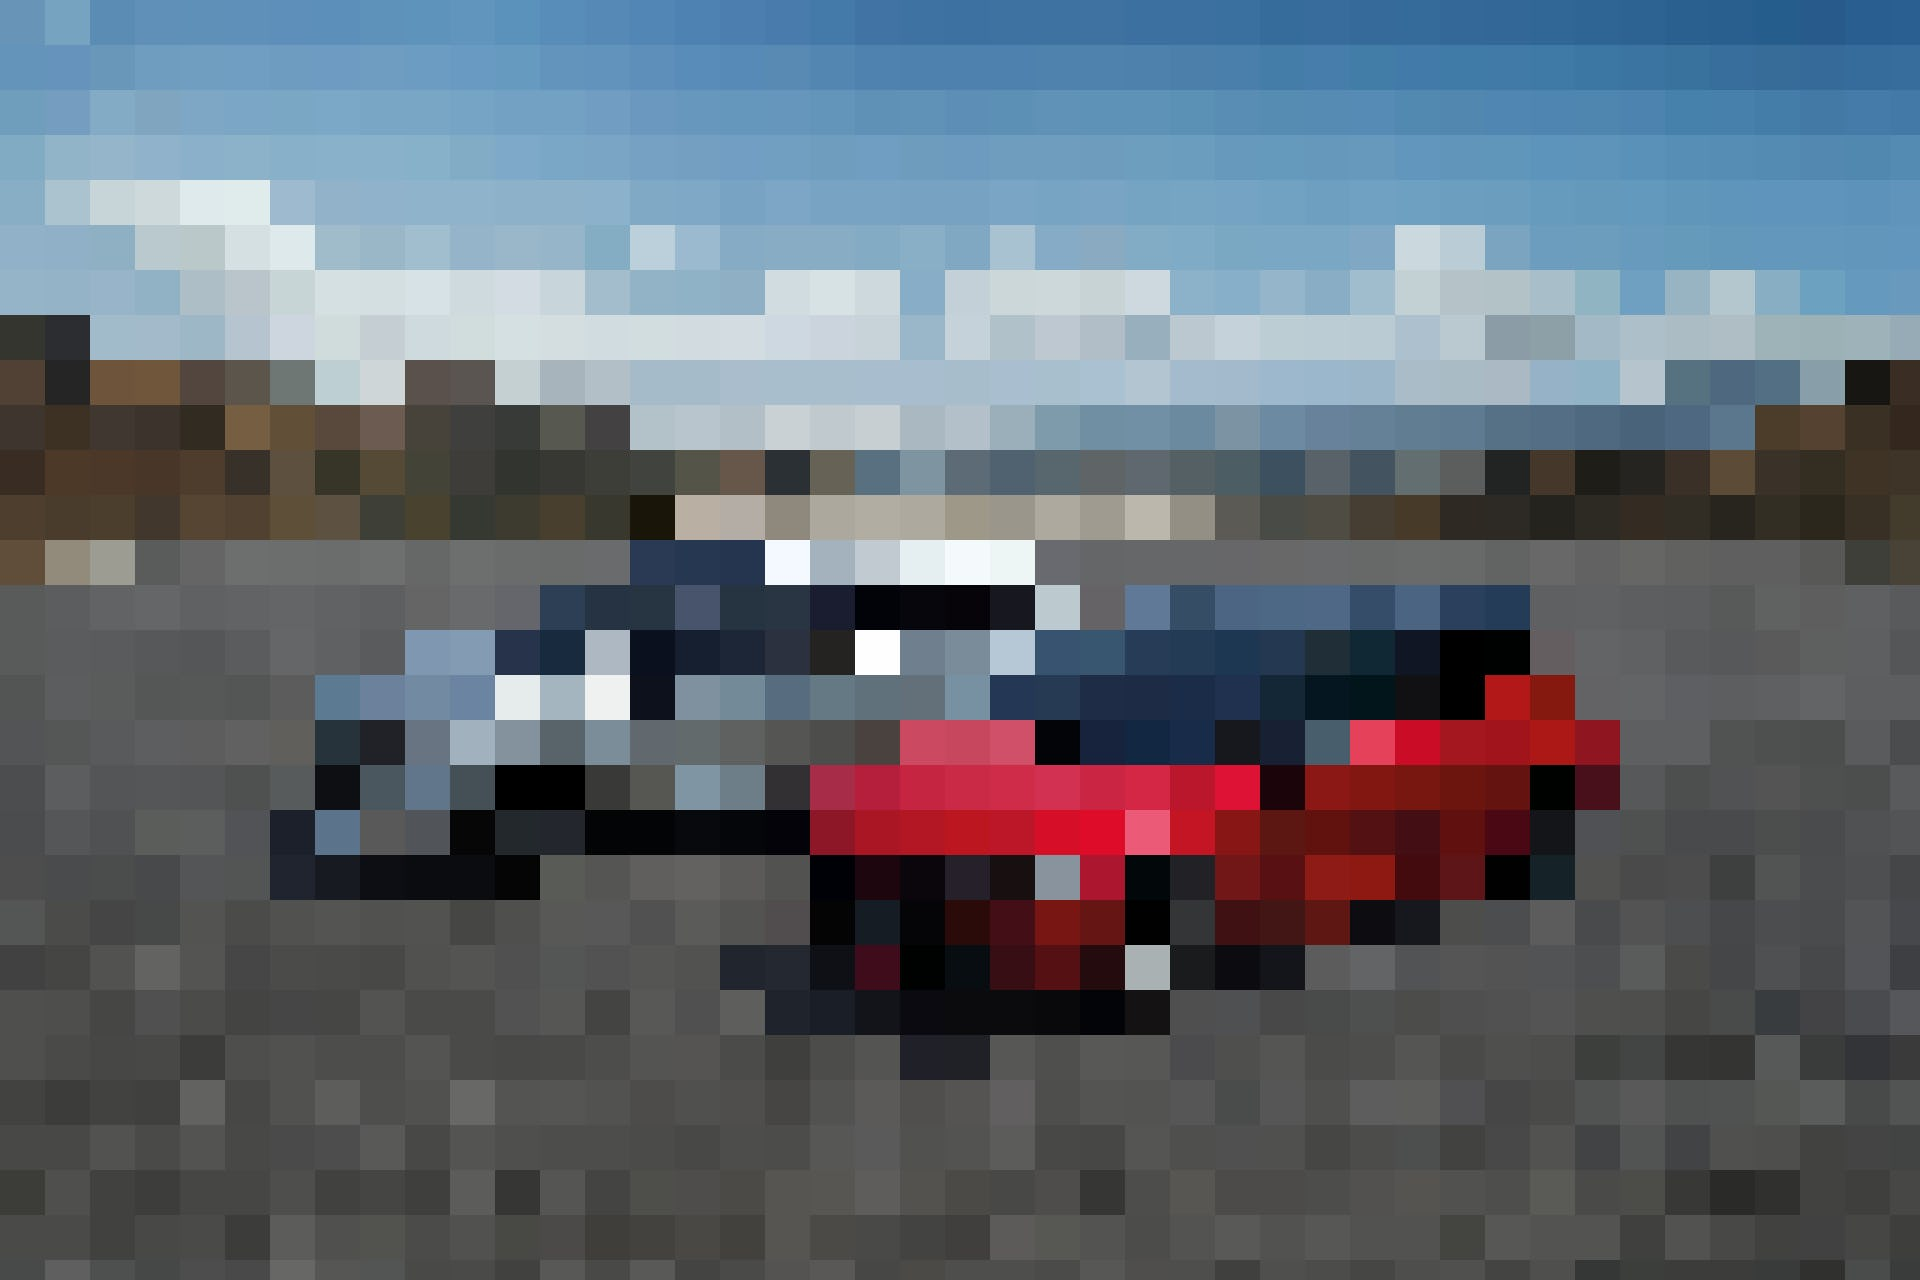 Kompakte Hybrid-Auswahl: Den Toyota Corolla kann man bei Toyota Rent sowohl als fünftürigen Hatchback als auch geräumigen Kombi namens Touring Sports...